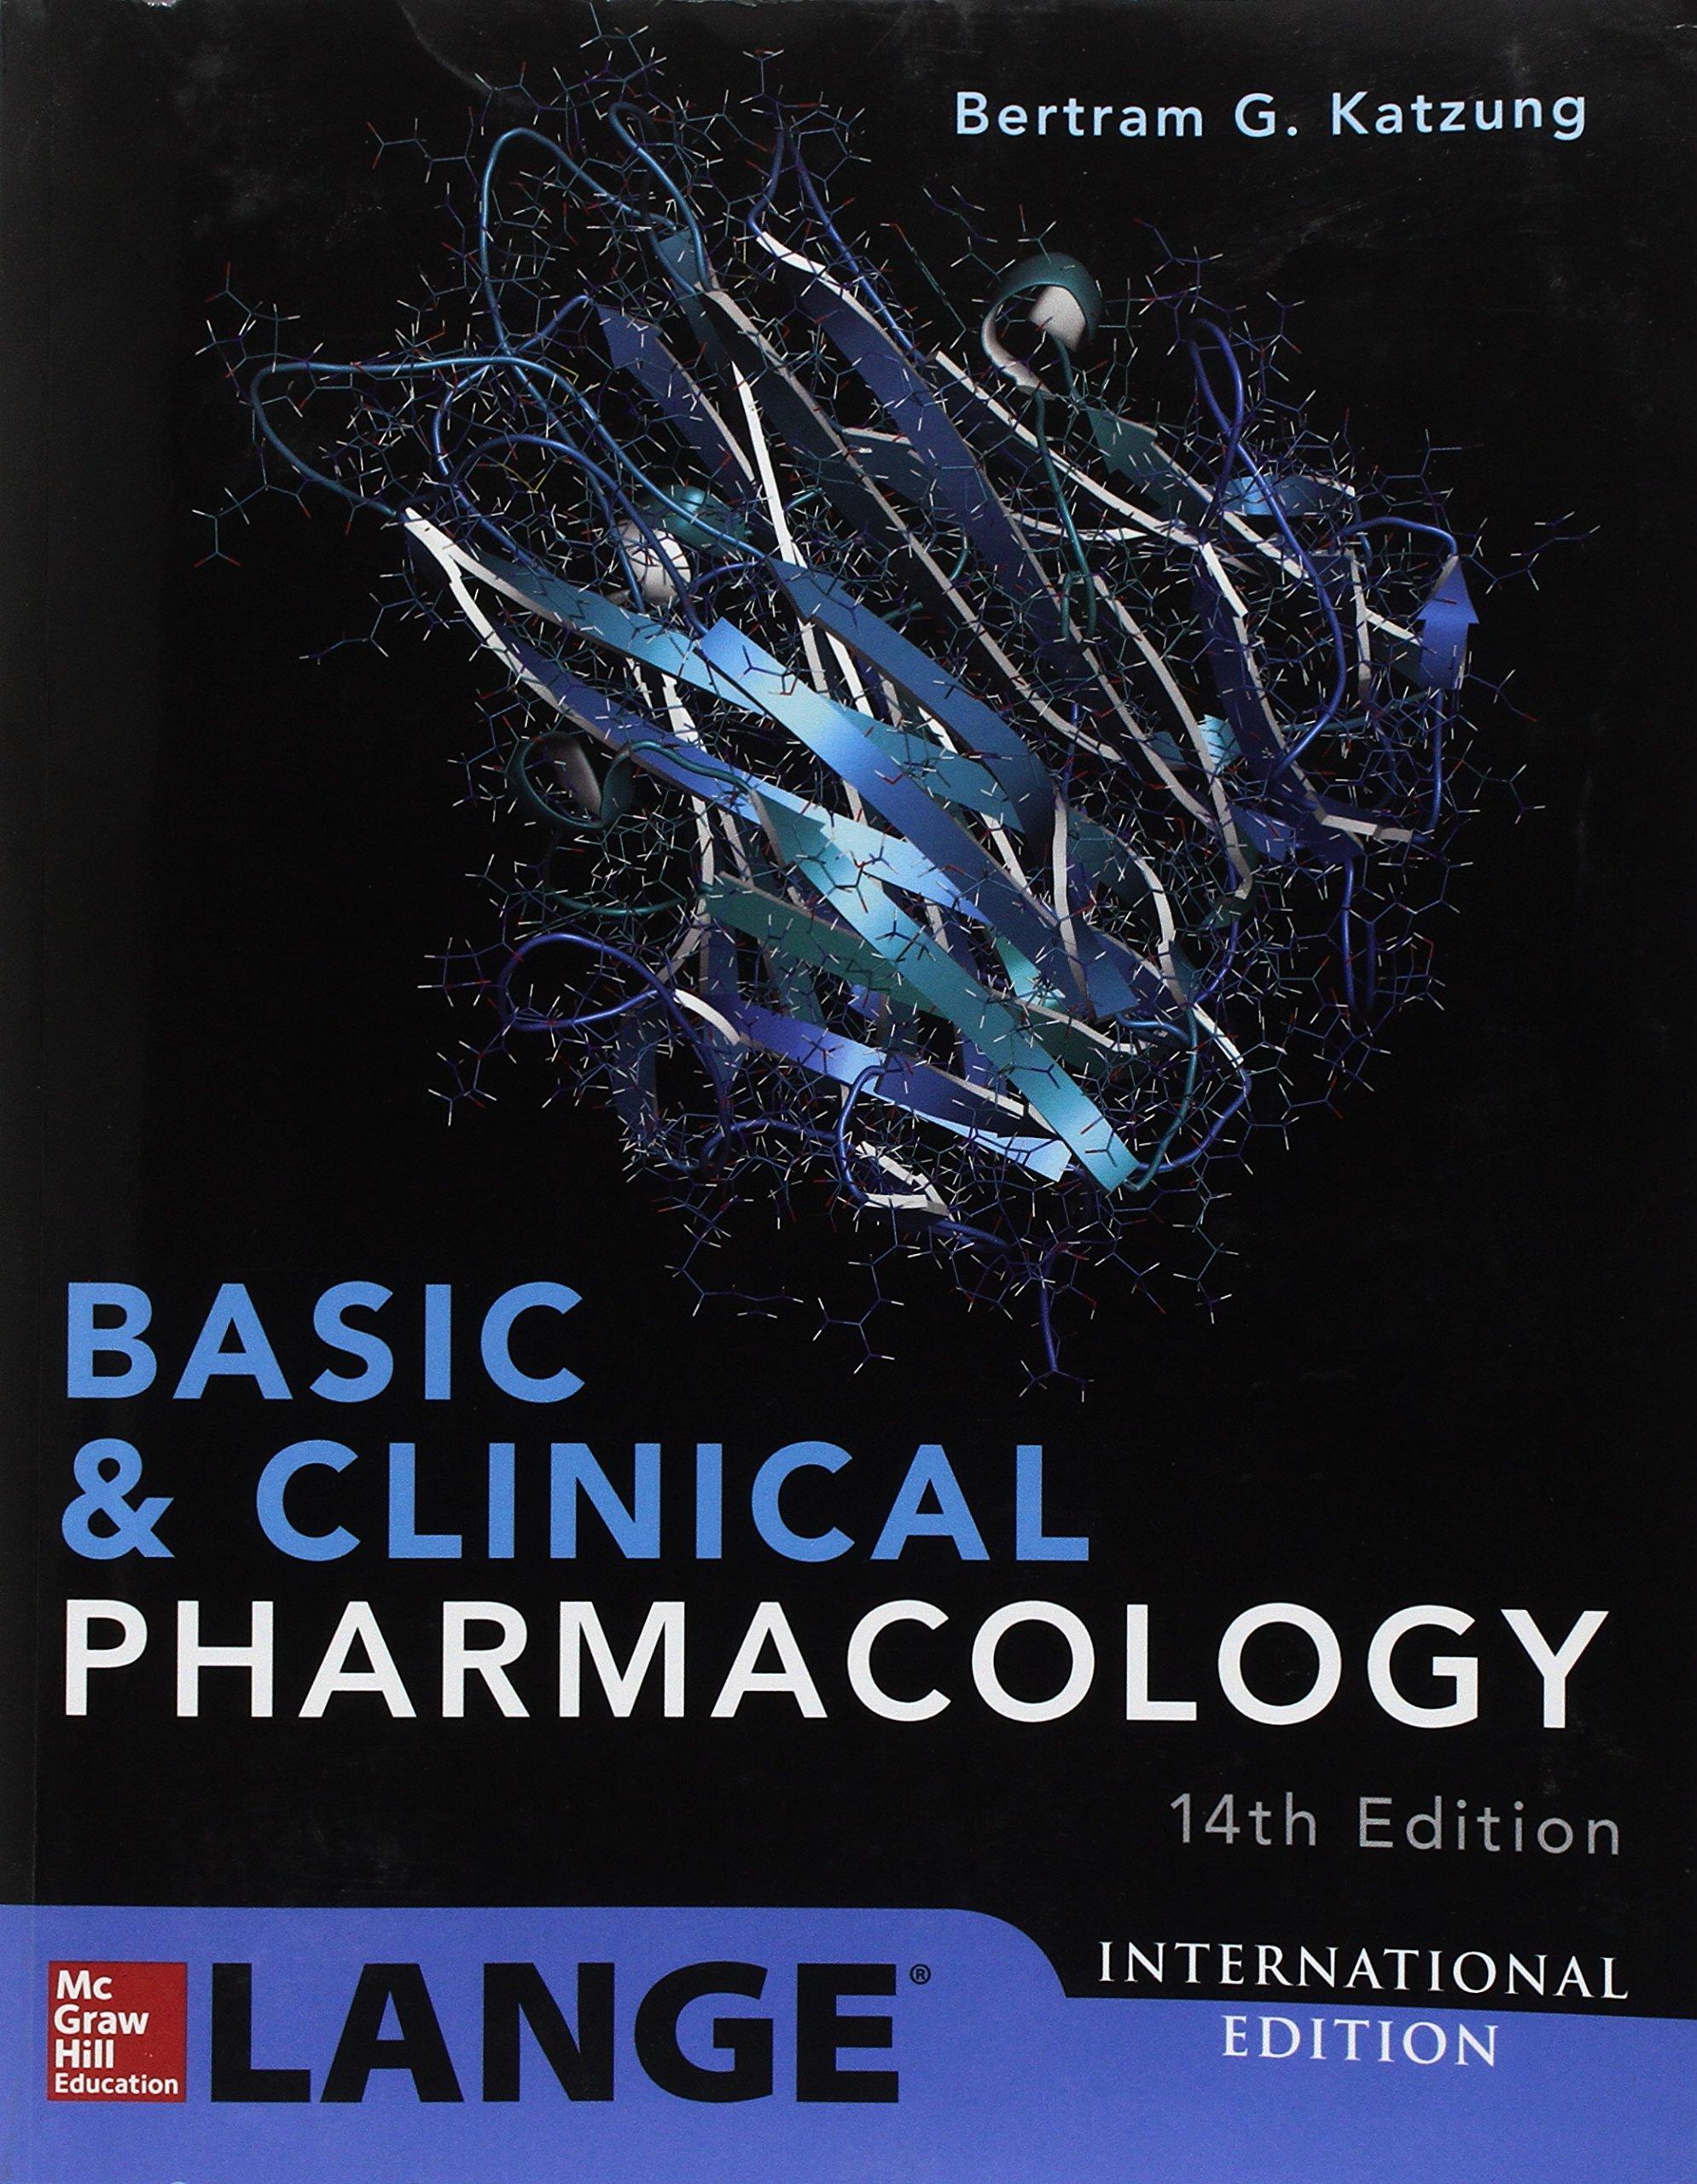 Basic Clinical Pharmacology 14e Katzung 9781260288179 Amazon Com Books